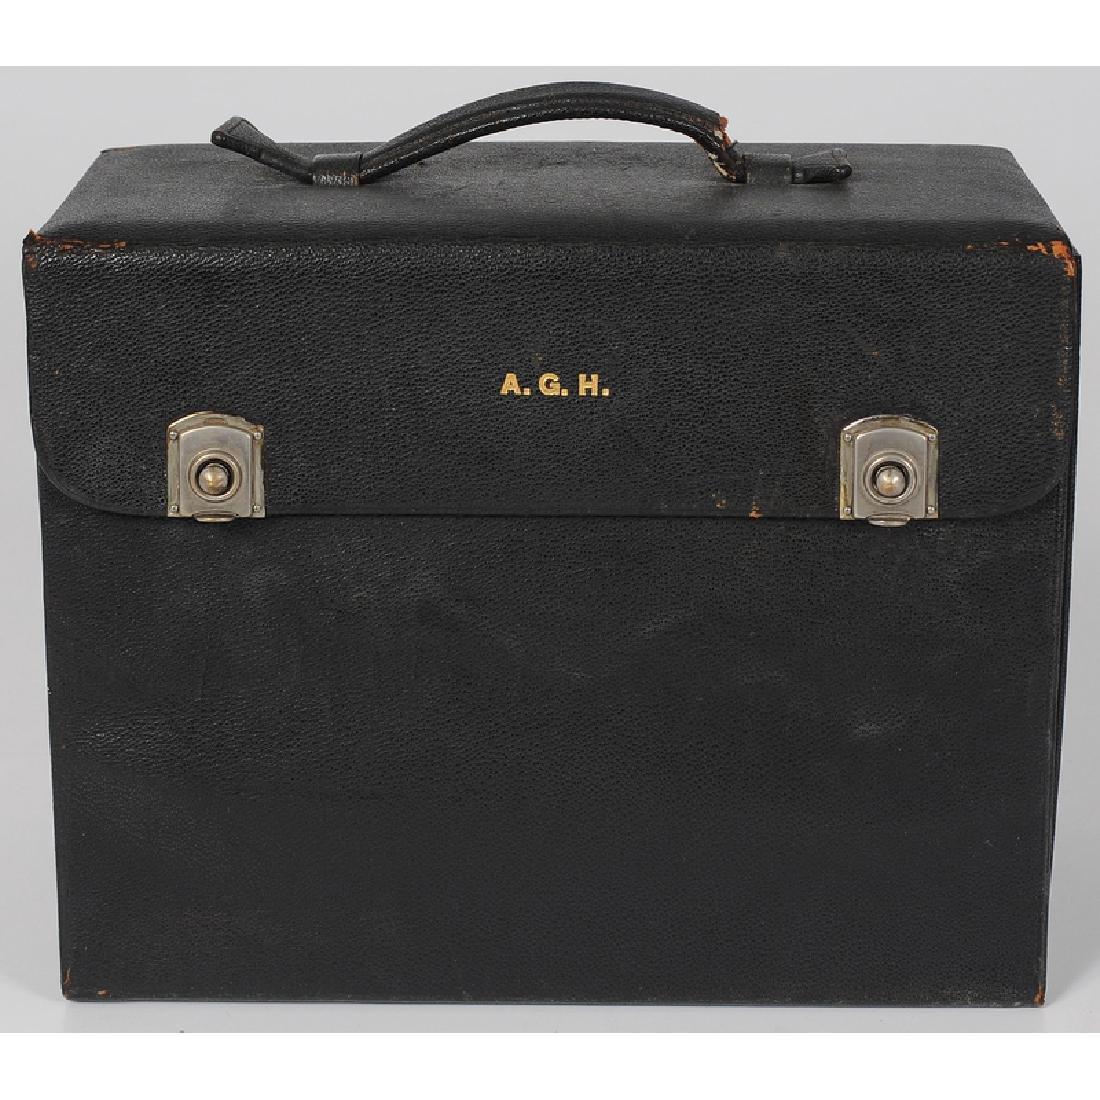 Adie Bros Ltd. of Birmingham Leather and Sterling